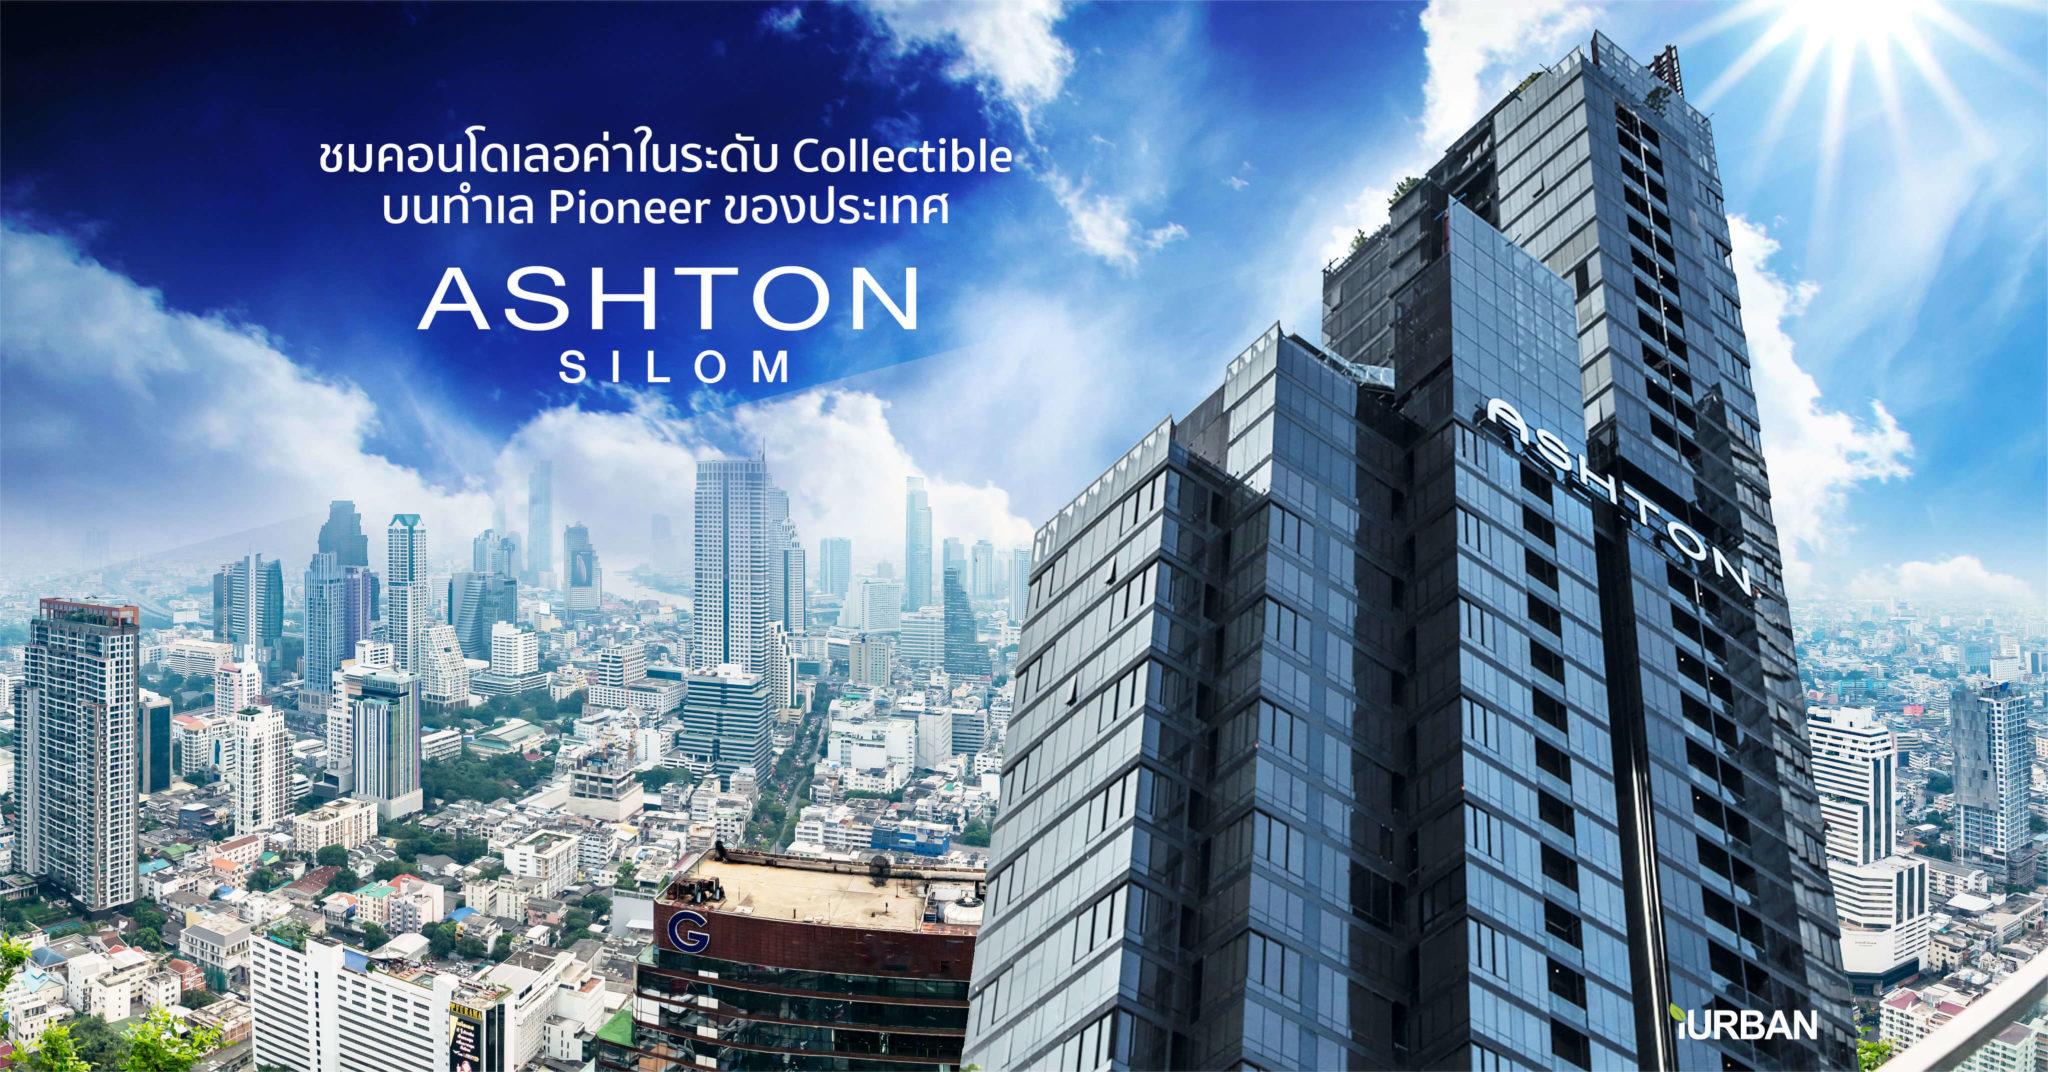 รู้จัก ASHTON SILOM คอนโดหรูแห่งสีลม บนทำเลระดับ Pioneer แห่งเดียวของประเทศ 13 - Ananda Development (อนันดา ดีเวลลอปเม้นท์)